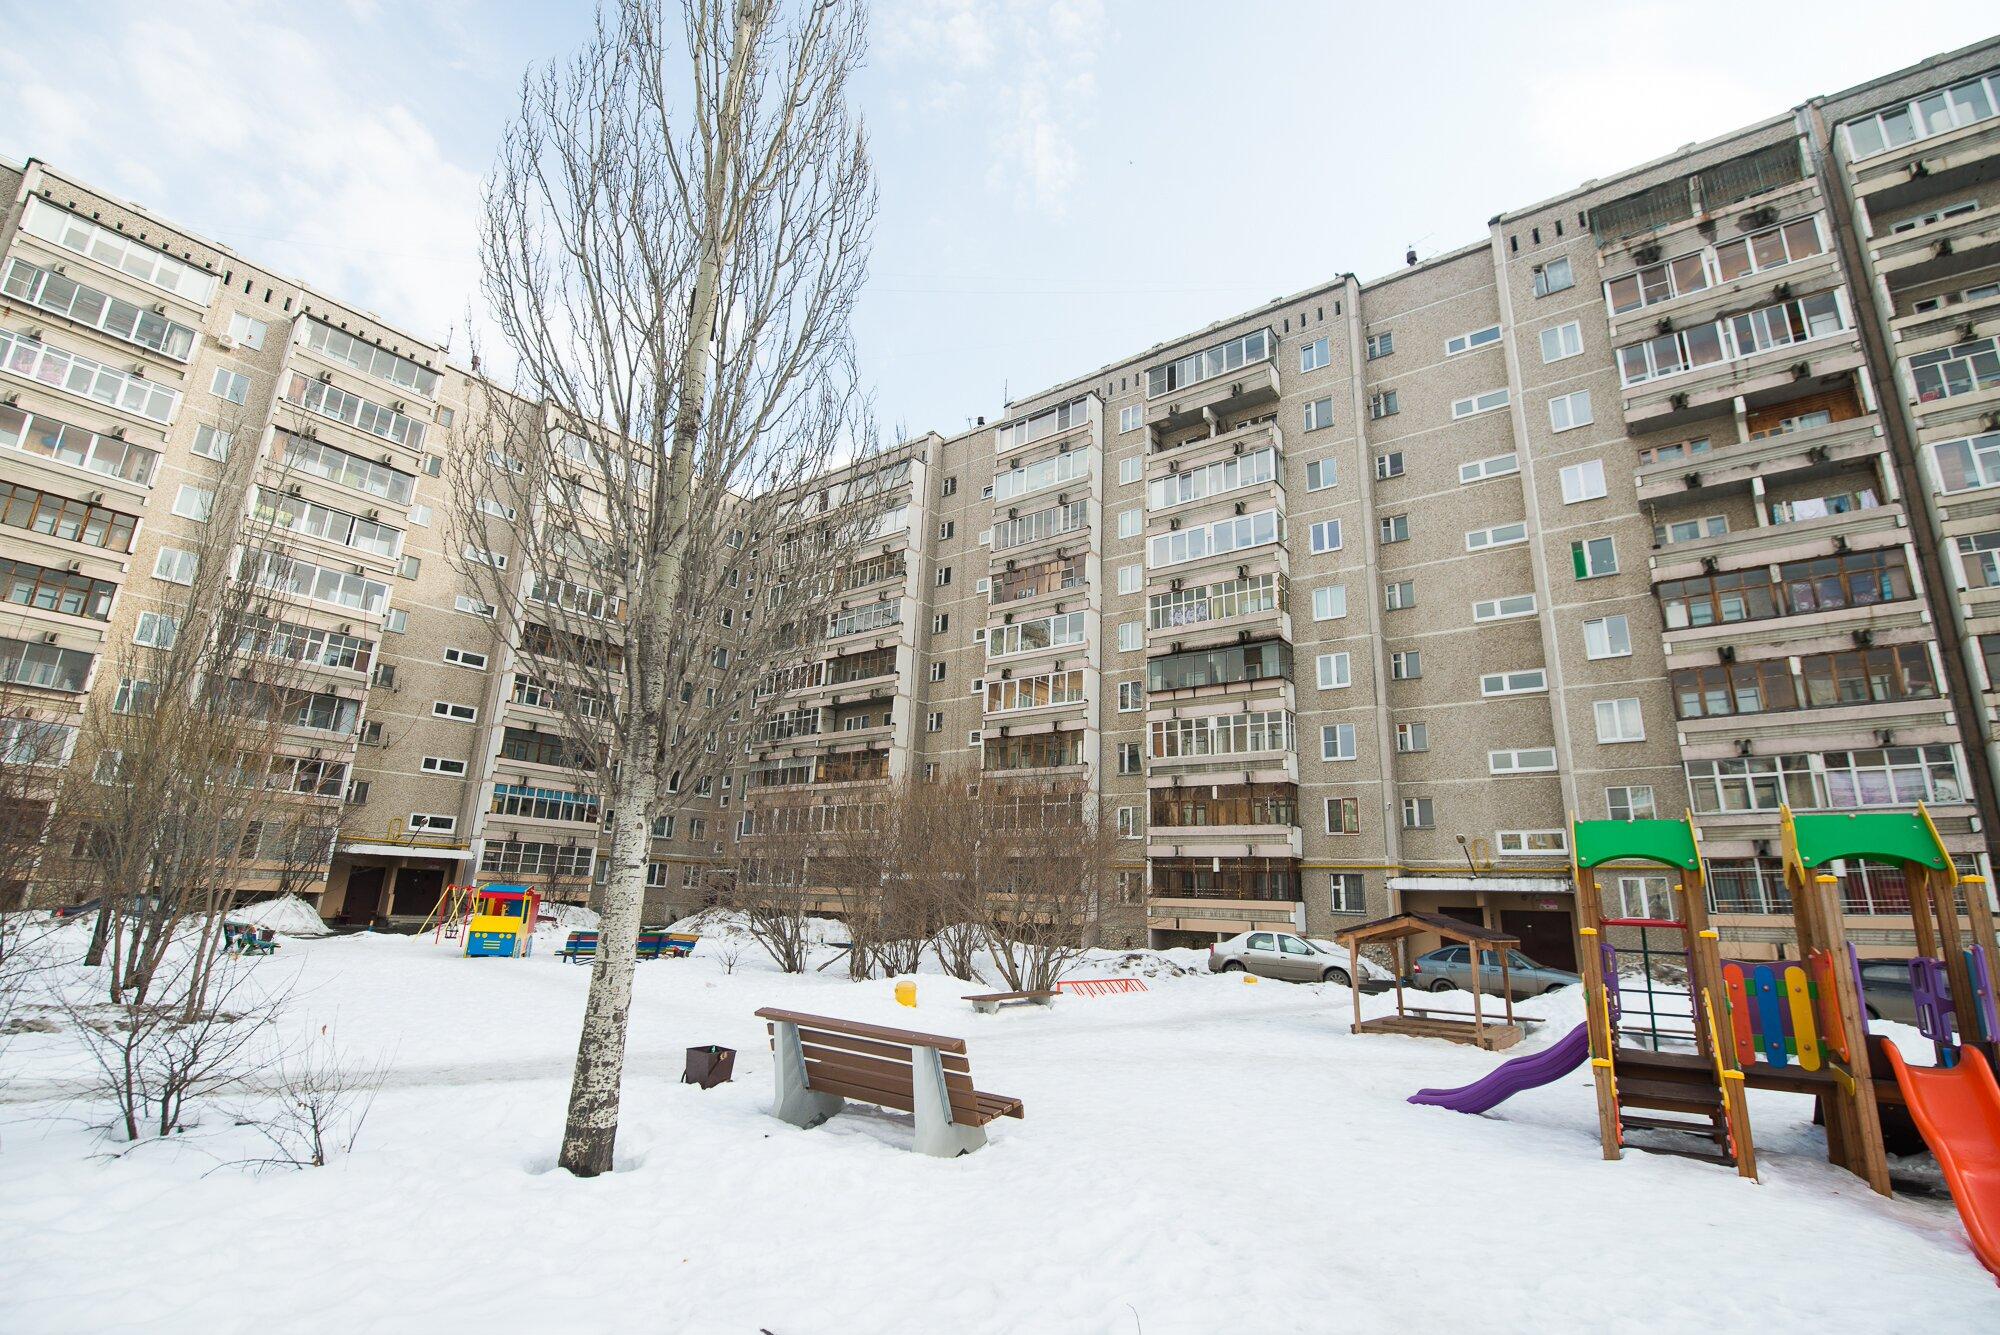 Дворы типовых панельных девятиэтажек на окраинах Екатеринбурга обычно выглядят как богом забытые, но этот — исключение